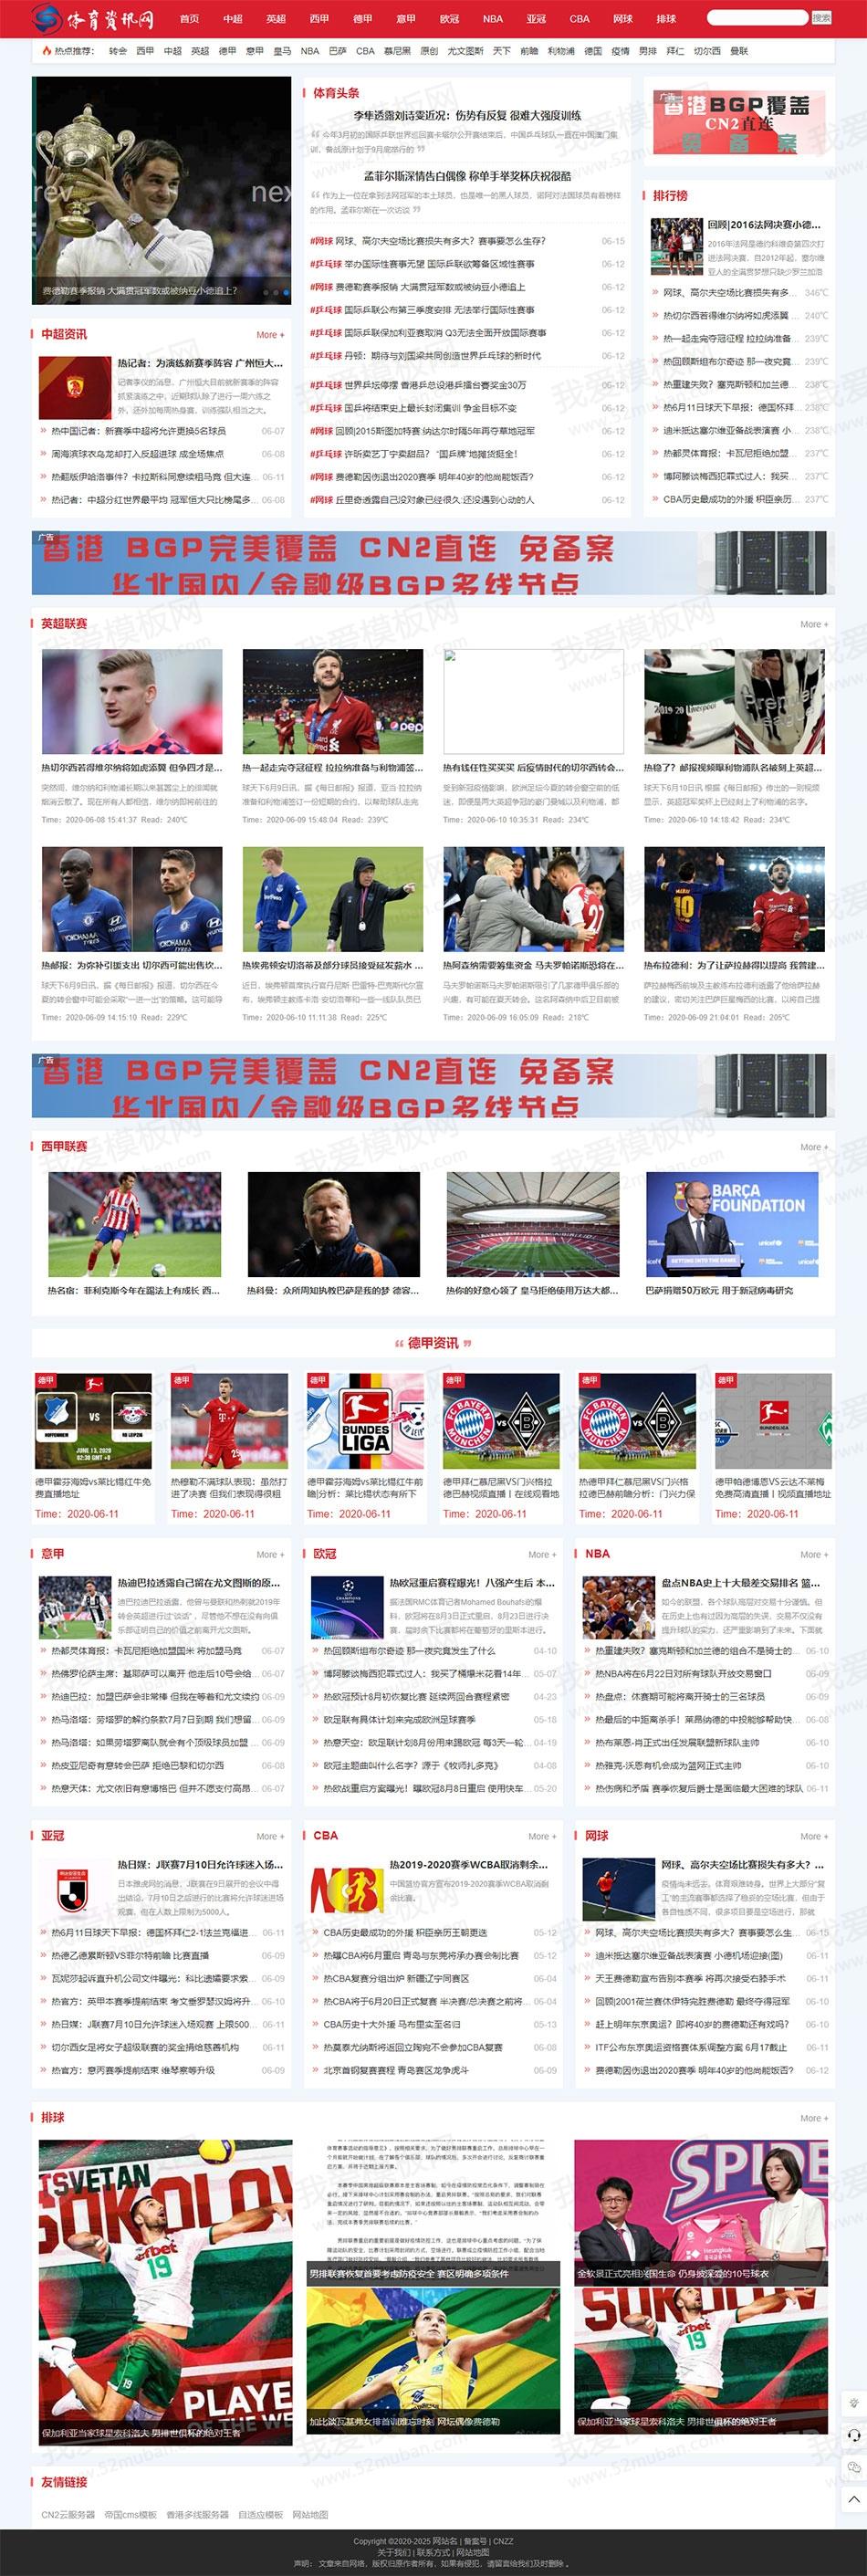 体育资讯模板,体育赛事帝国模板 体育新闻赛事资讯,配套响应式手机端,